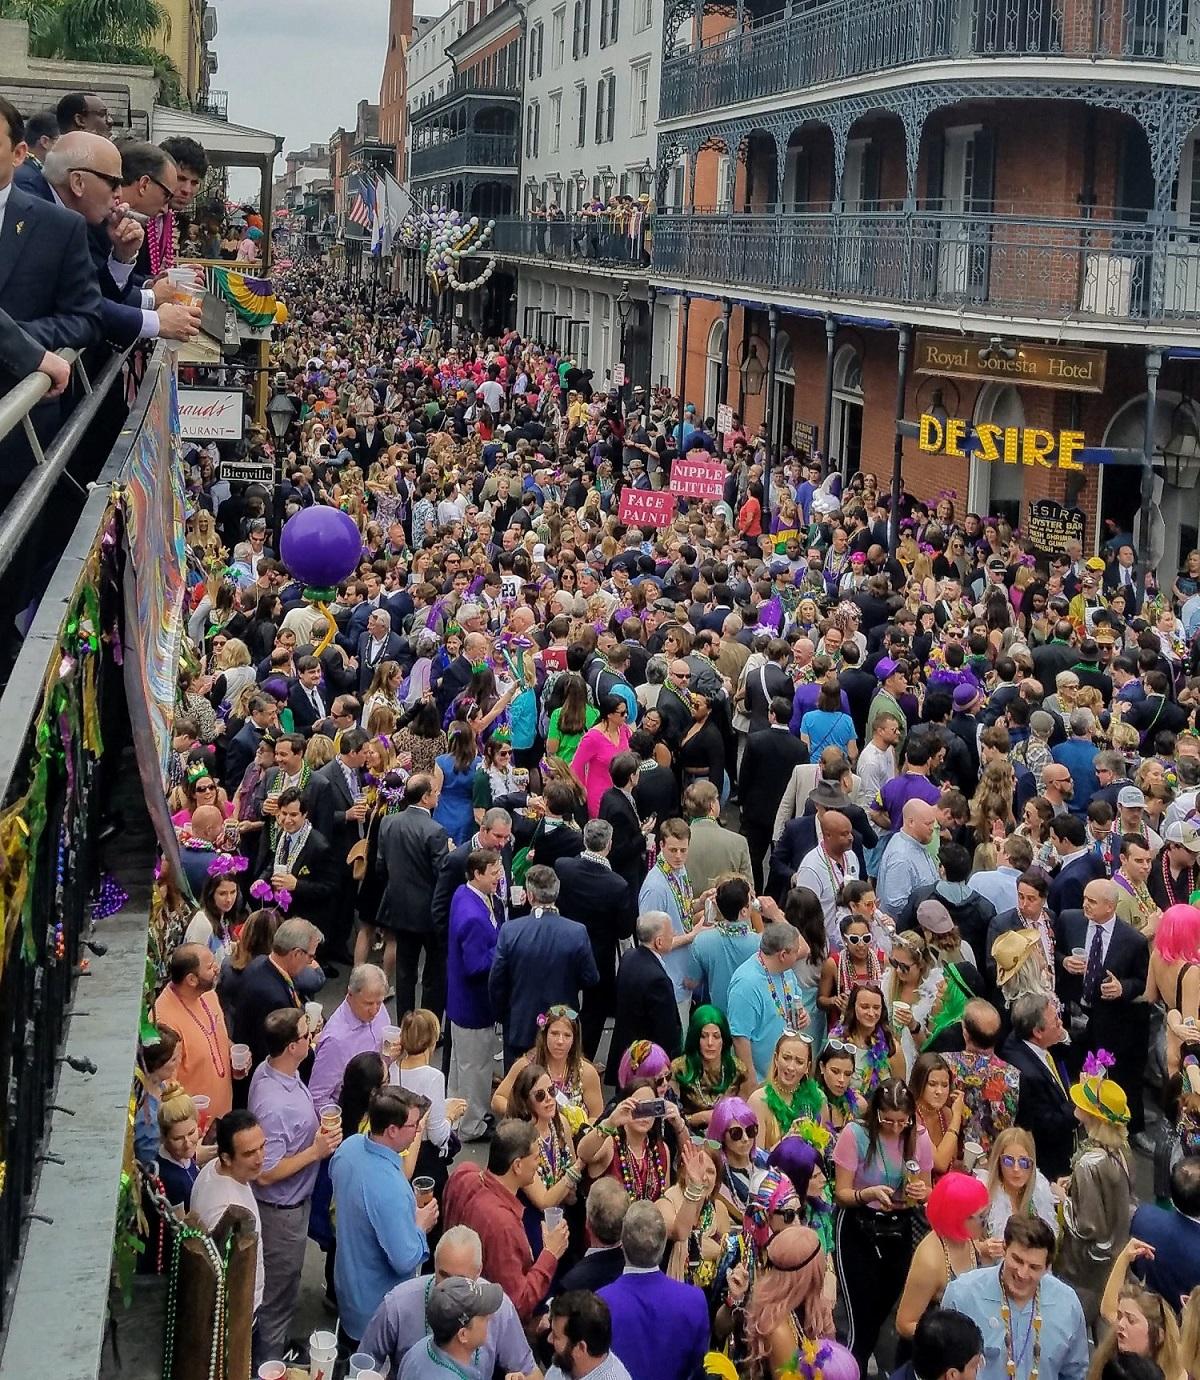 Mardi Gras Balcony Guests